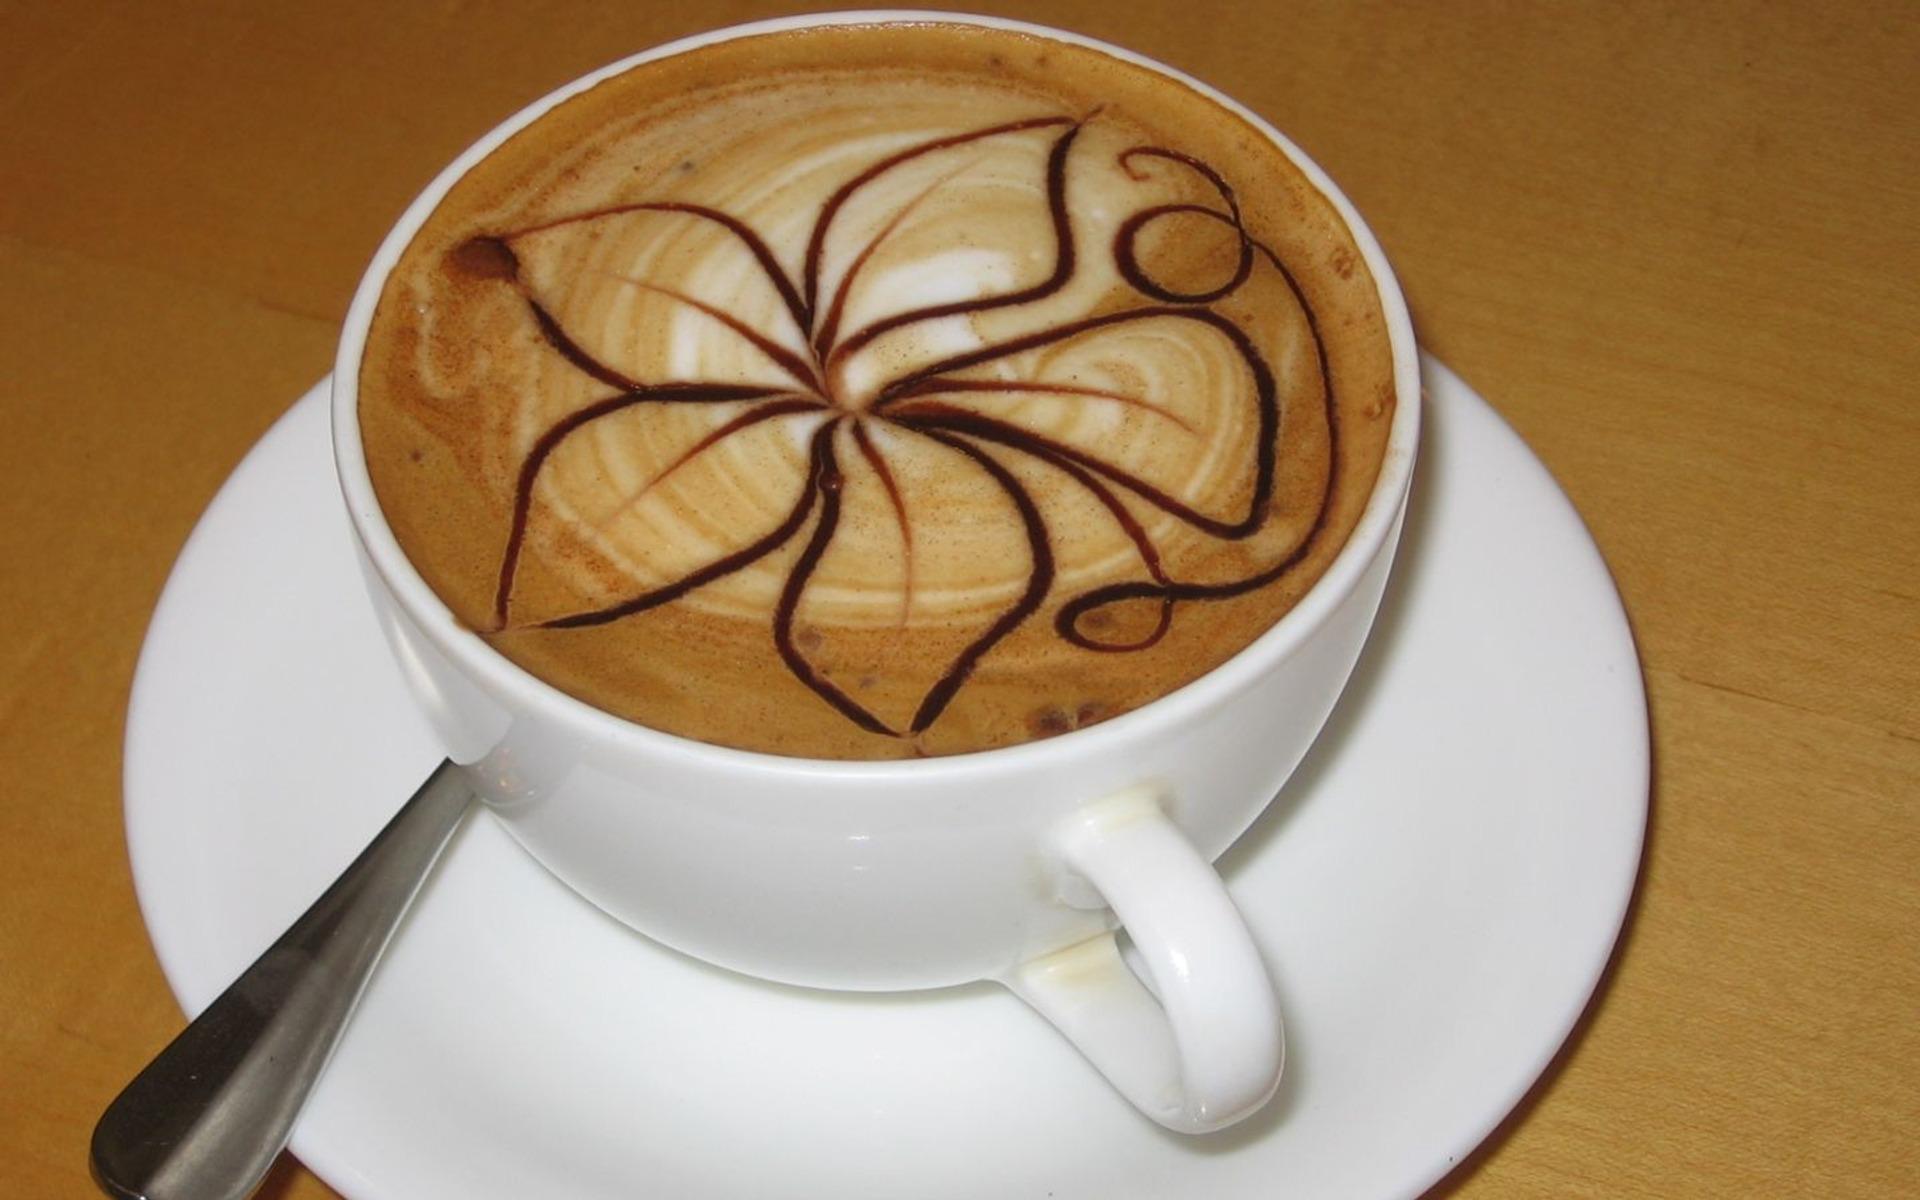 Kahve, Obezite ve Diyabetle Savaşta Etkin Rol Oynayabilir mi?